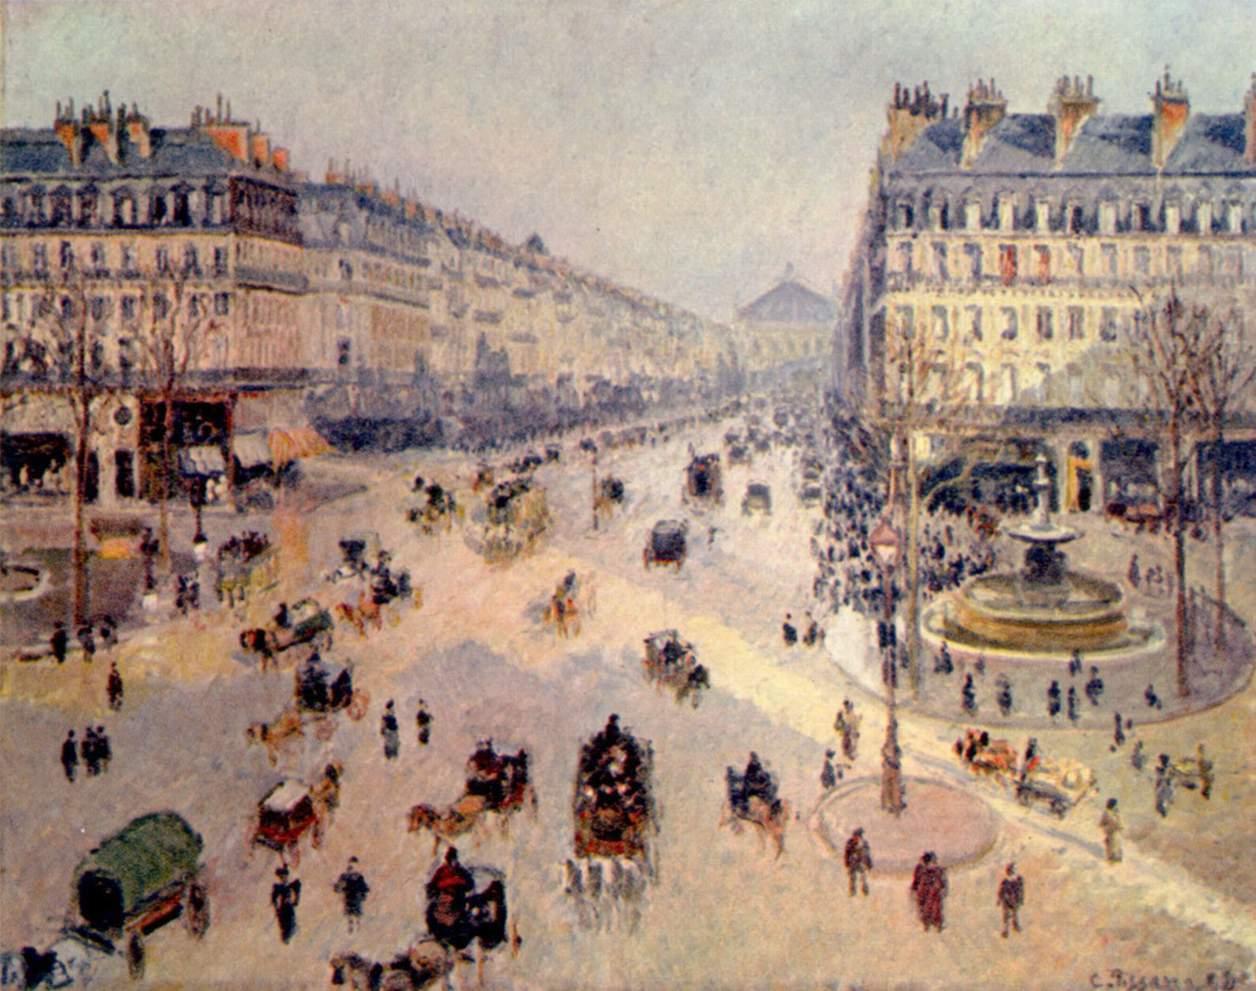 Avenue de l'Opera - Camille Pissarro, 1898